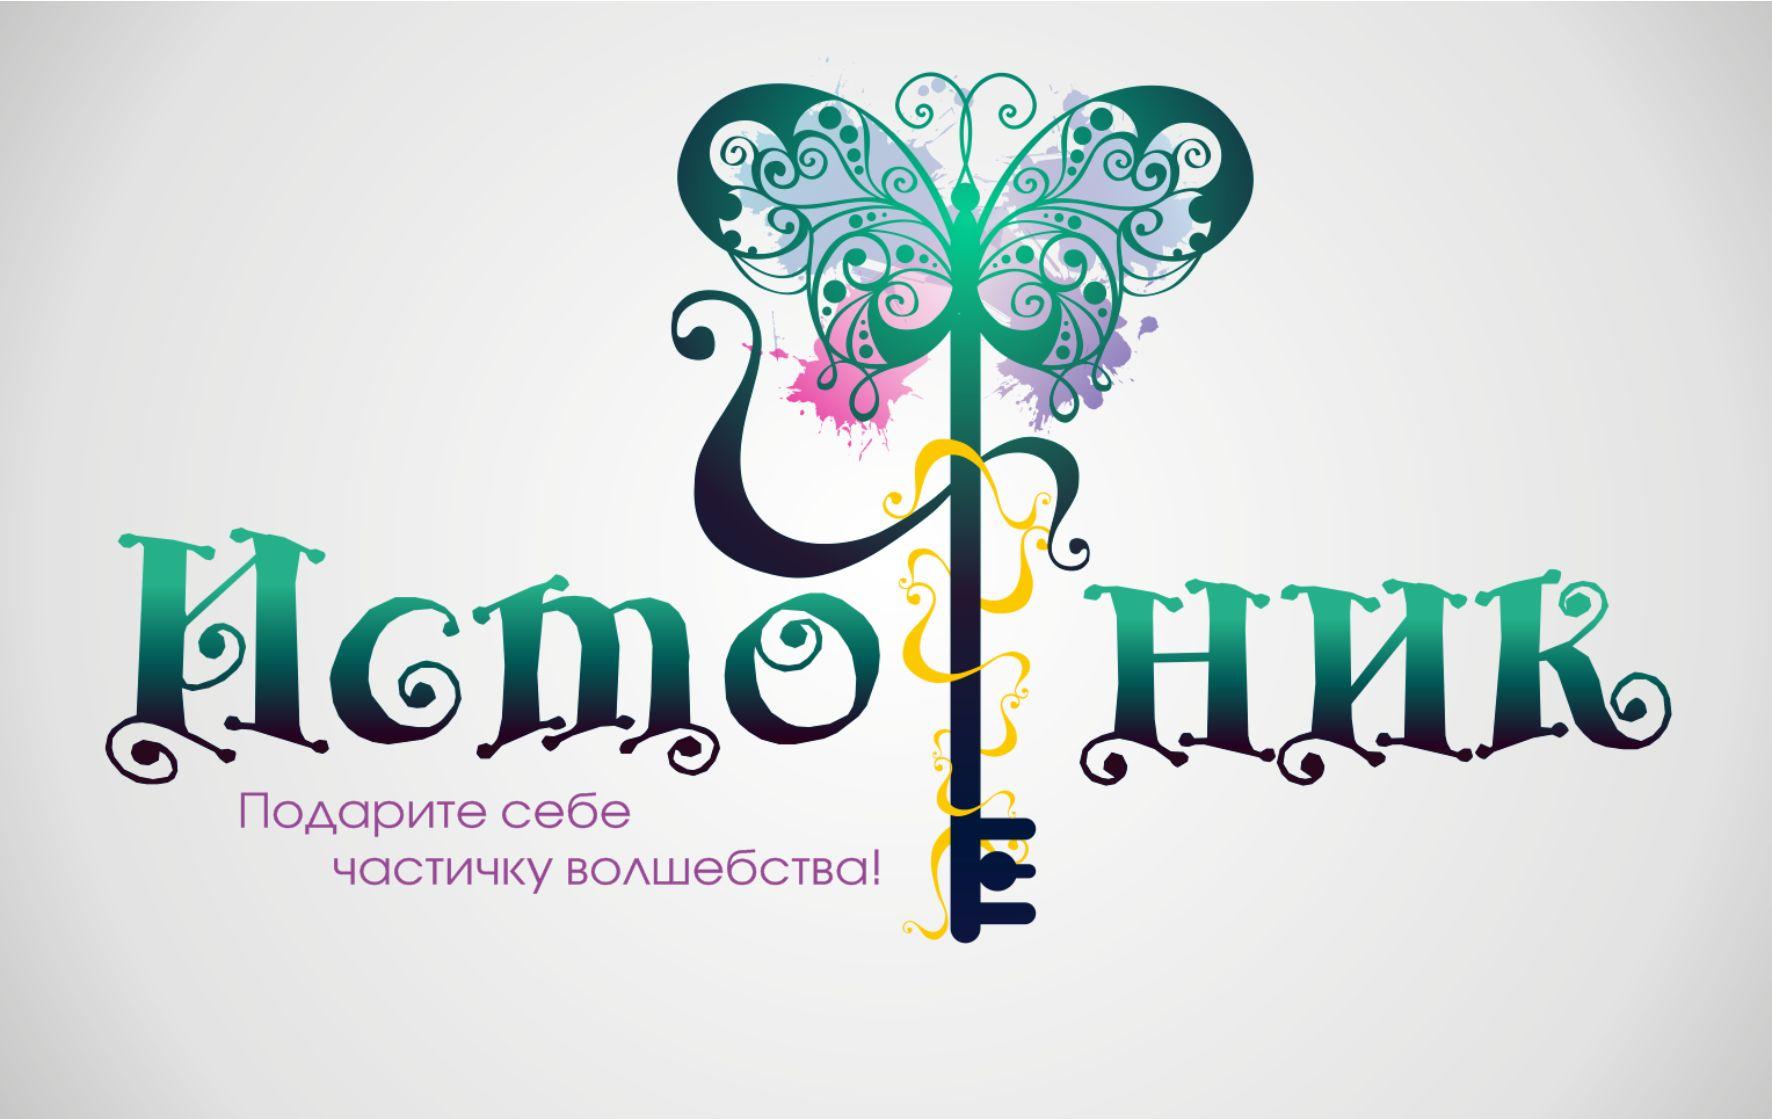 Логотип для магазина Украшений из Фильмов - дизайнер Mini_kleopatra